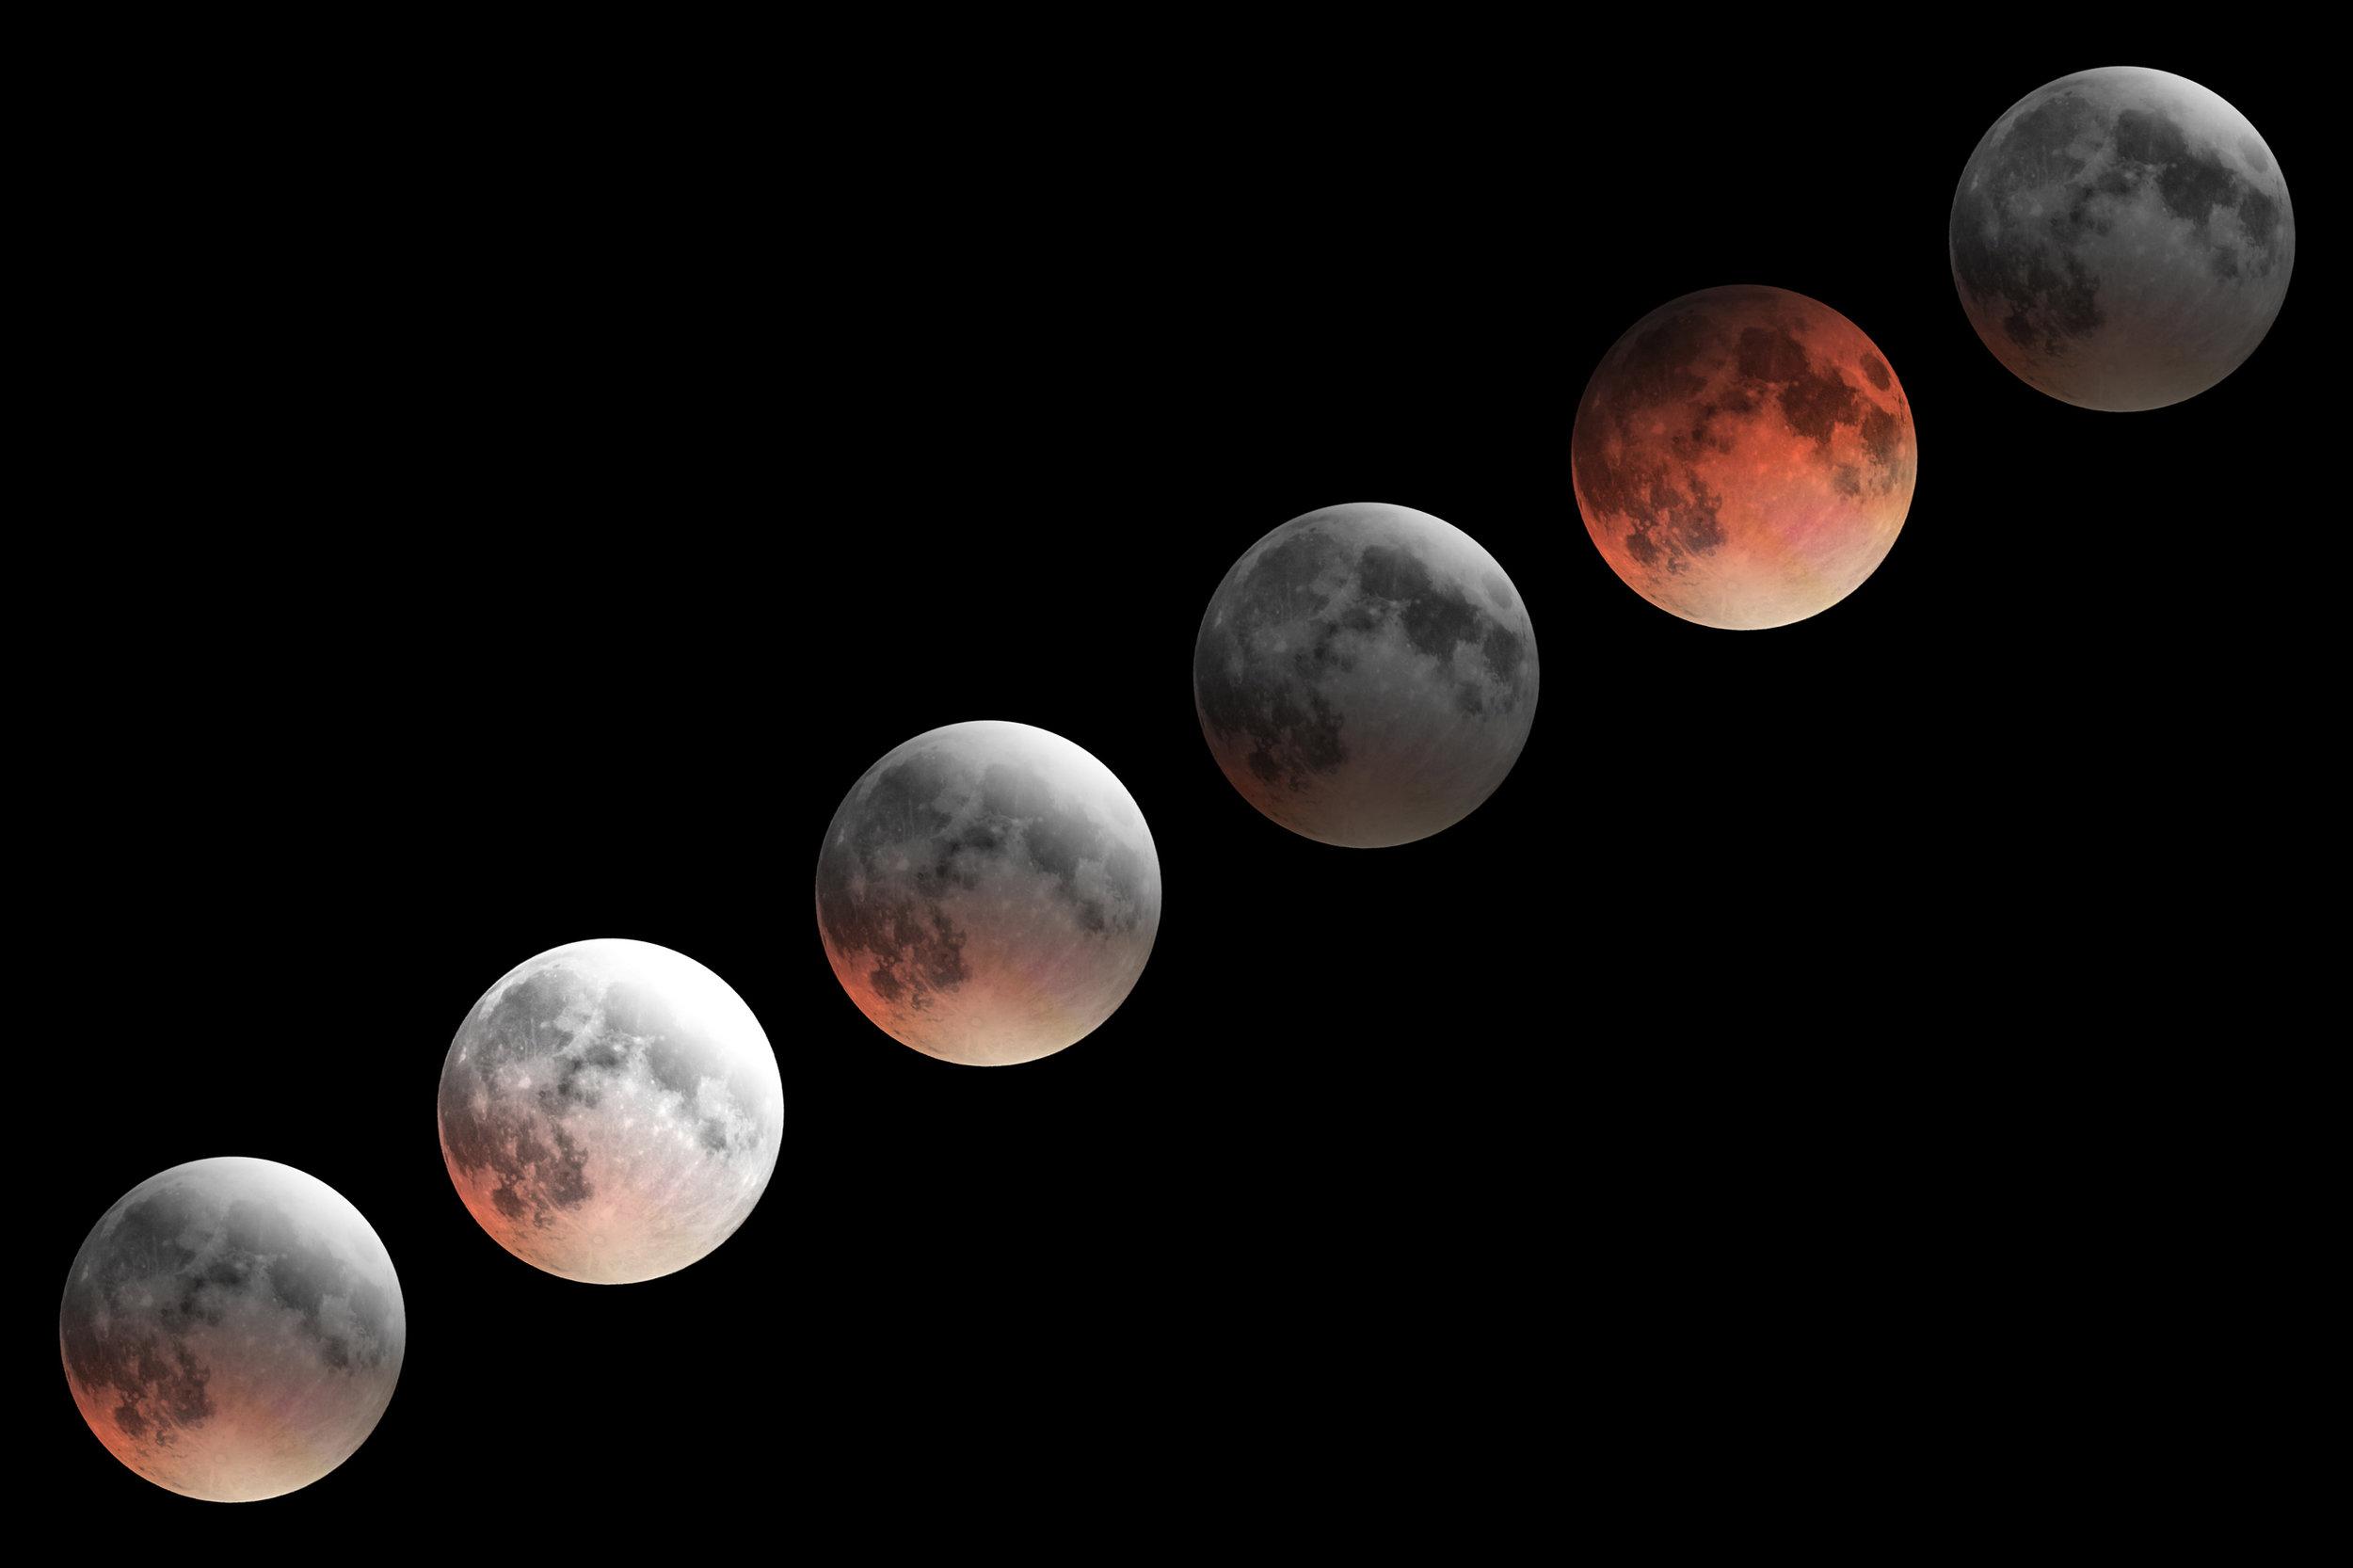 foto eclissi fasi lunari luna fotografo notte